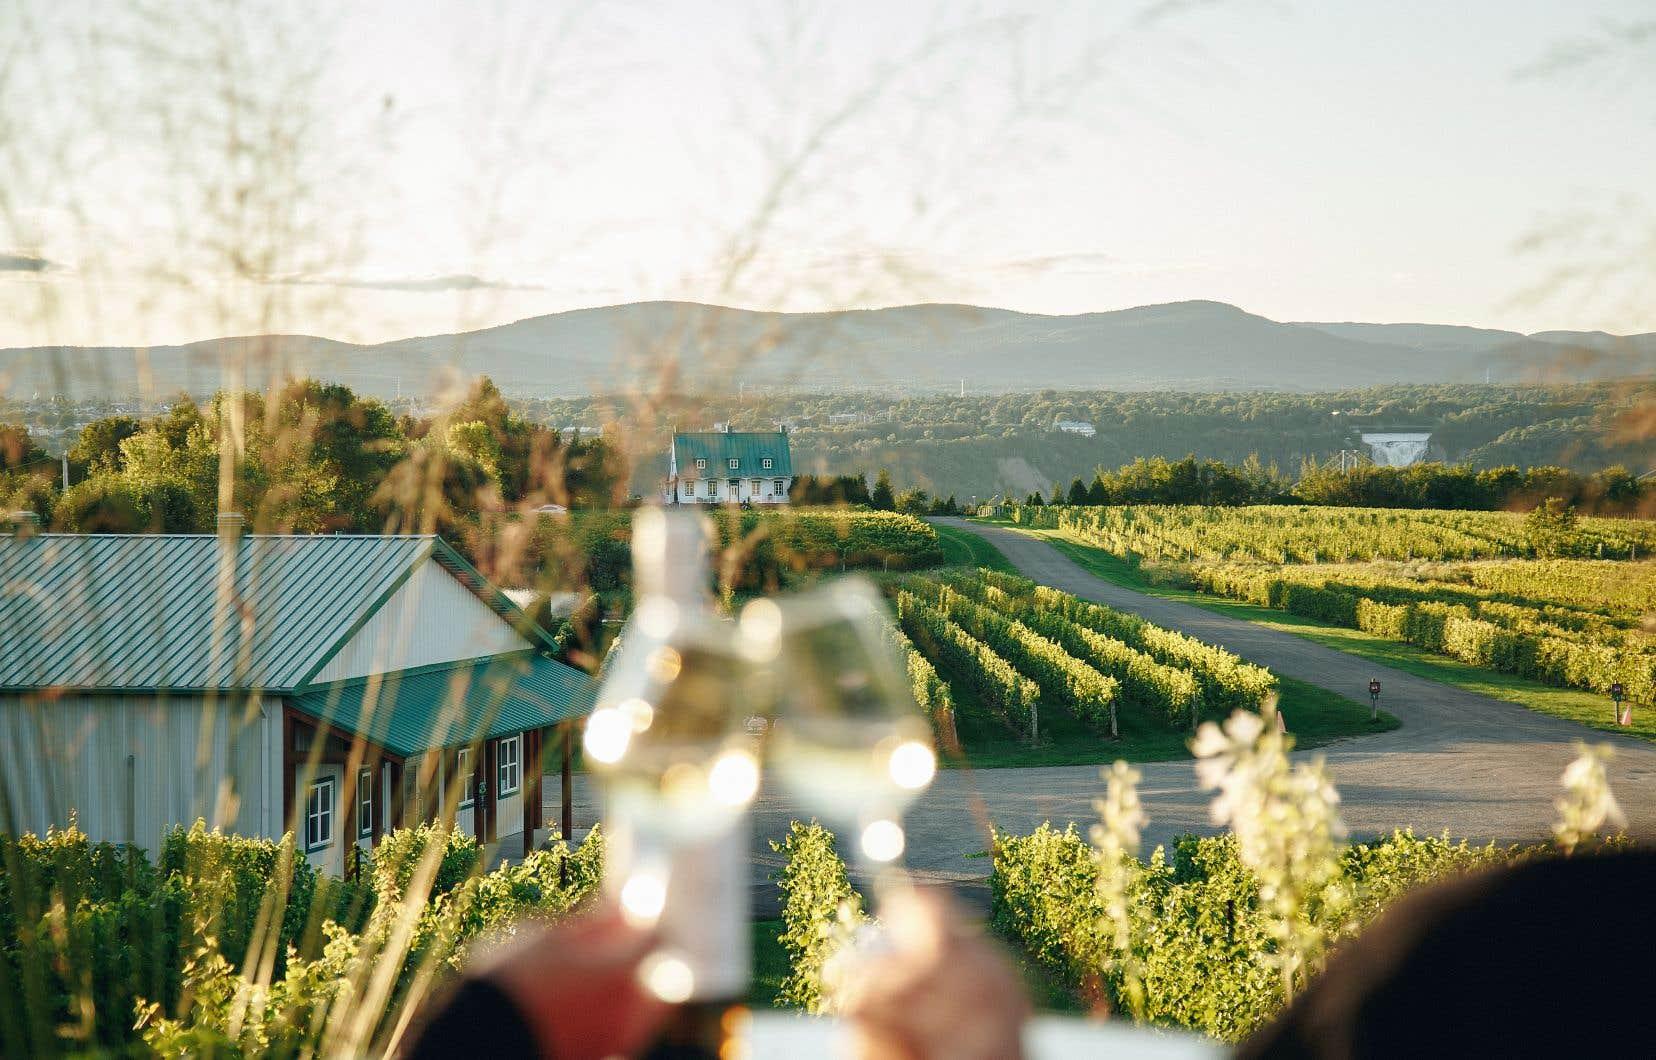 Situé sur l'île d'Orléans, le Vignoble Sainte-Pétronille propose aux visiteurs de s'arrêter à son restaurant, qui offre une vue sur la chute Montmorency.